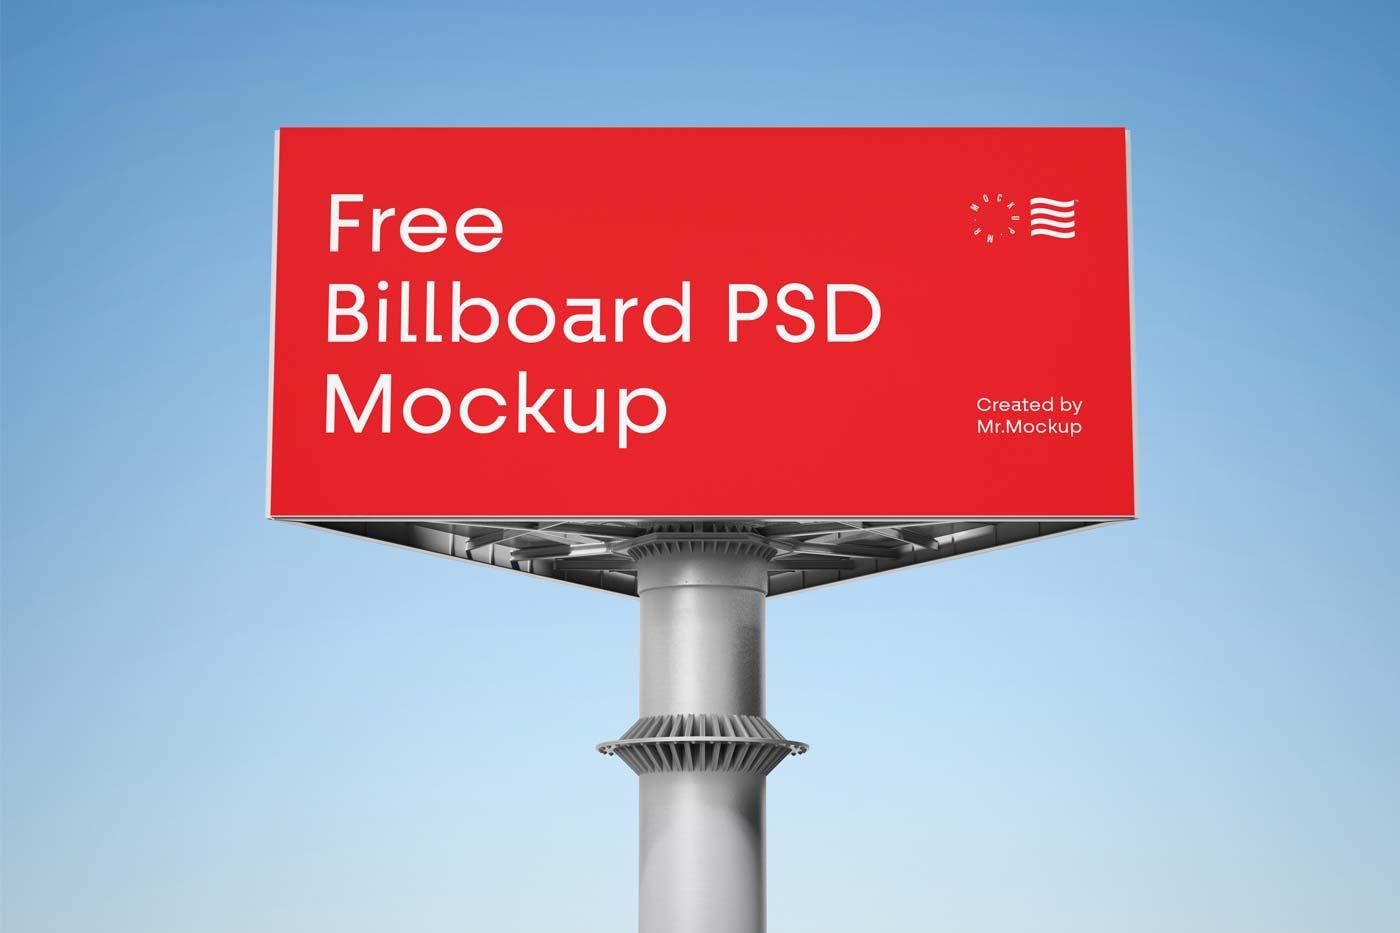 Free-billboard-mockup-jpg